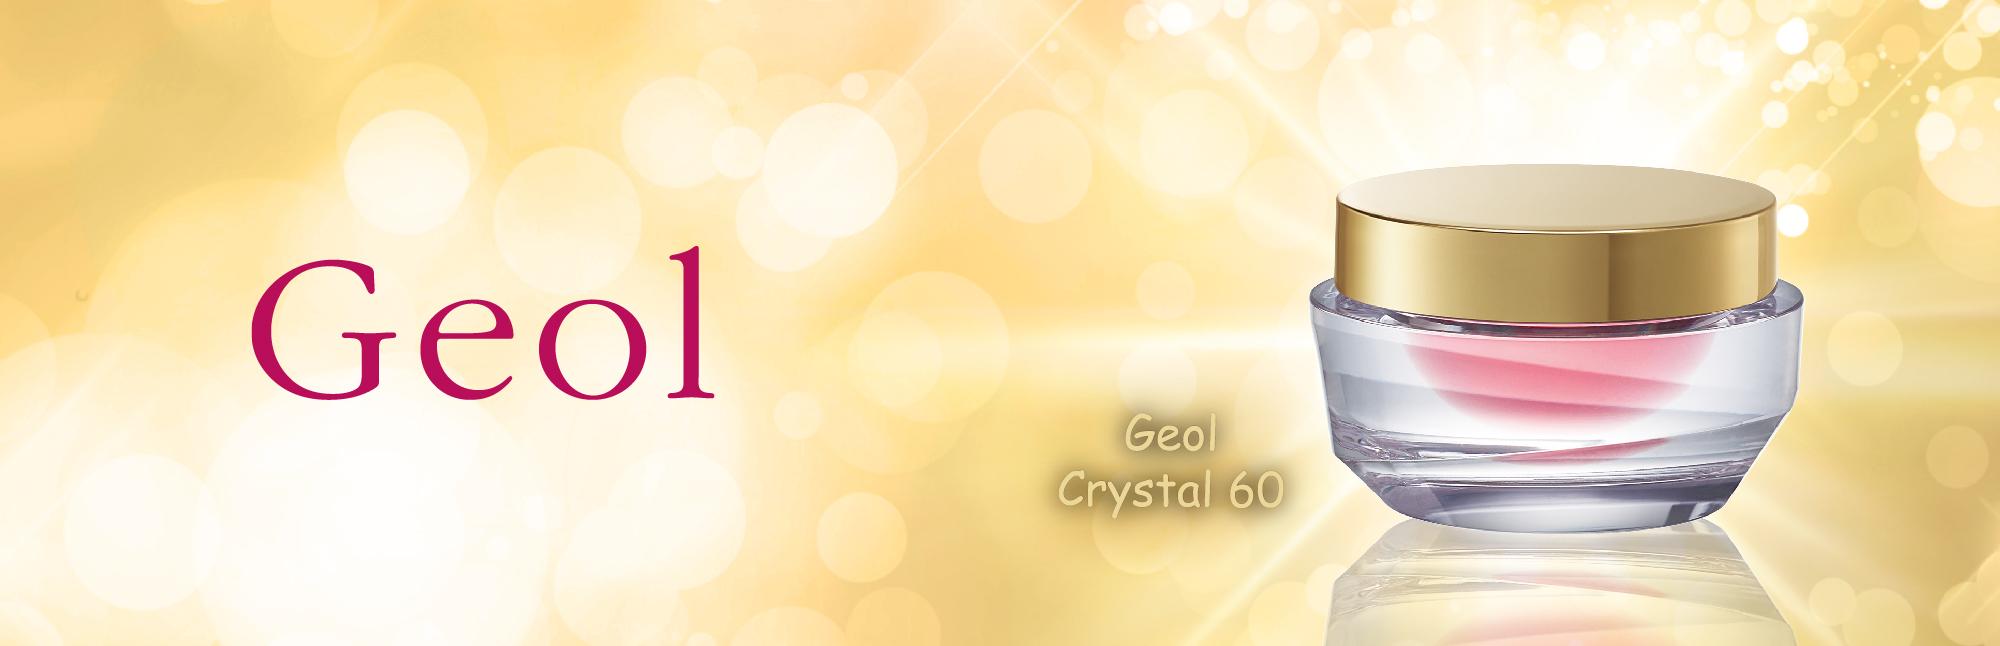 Geol Crystal 60